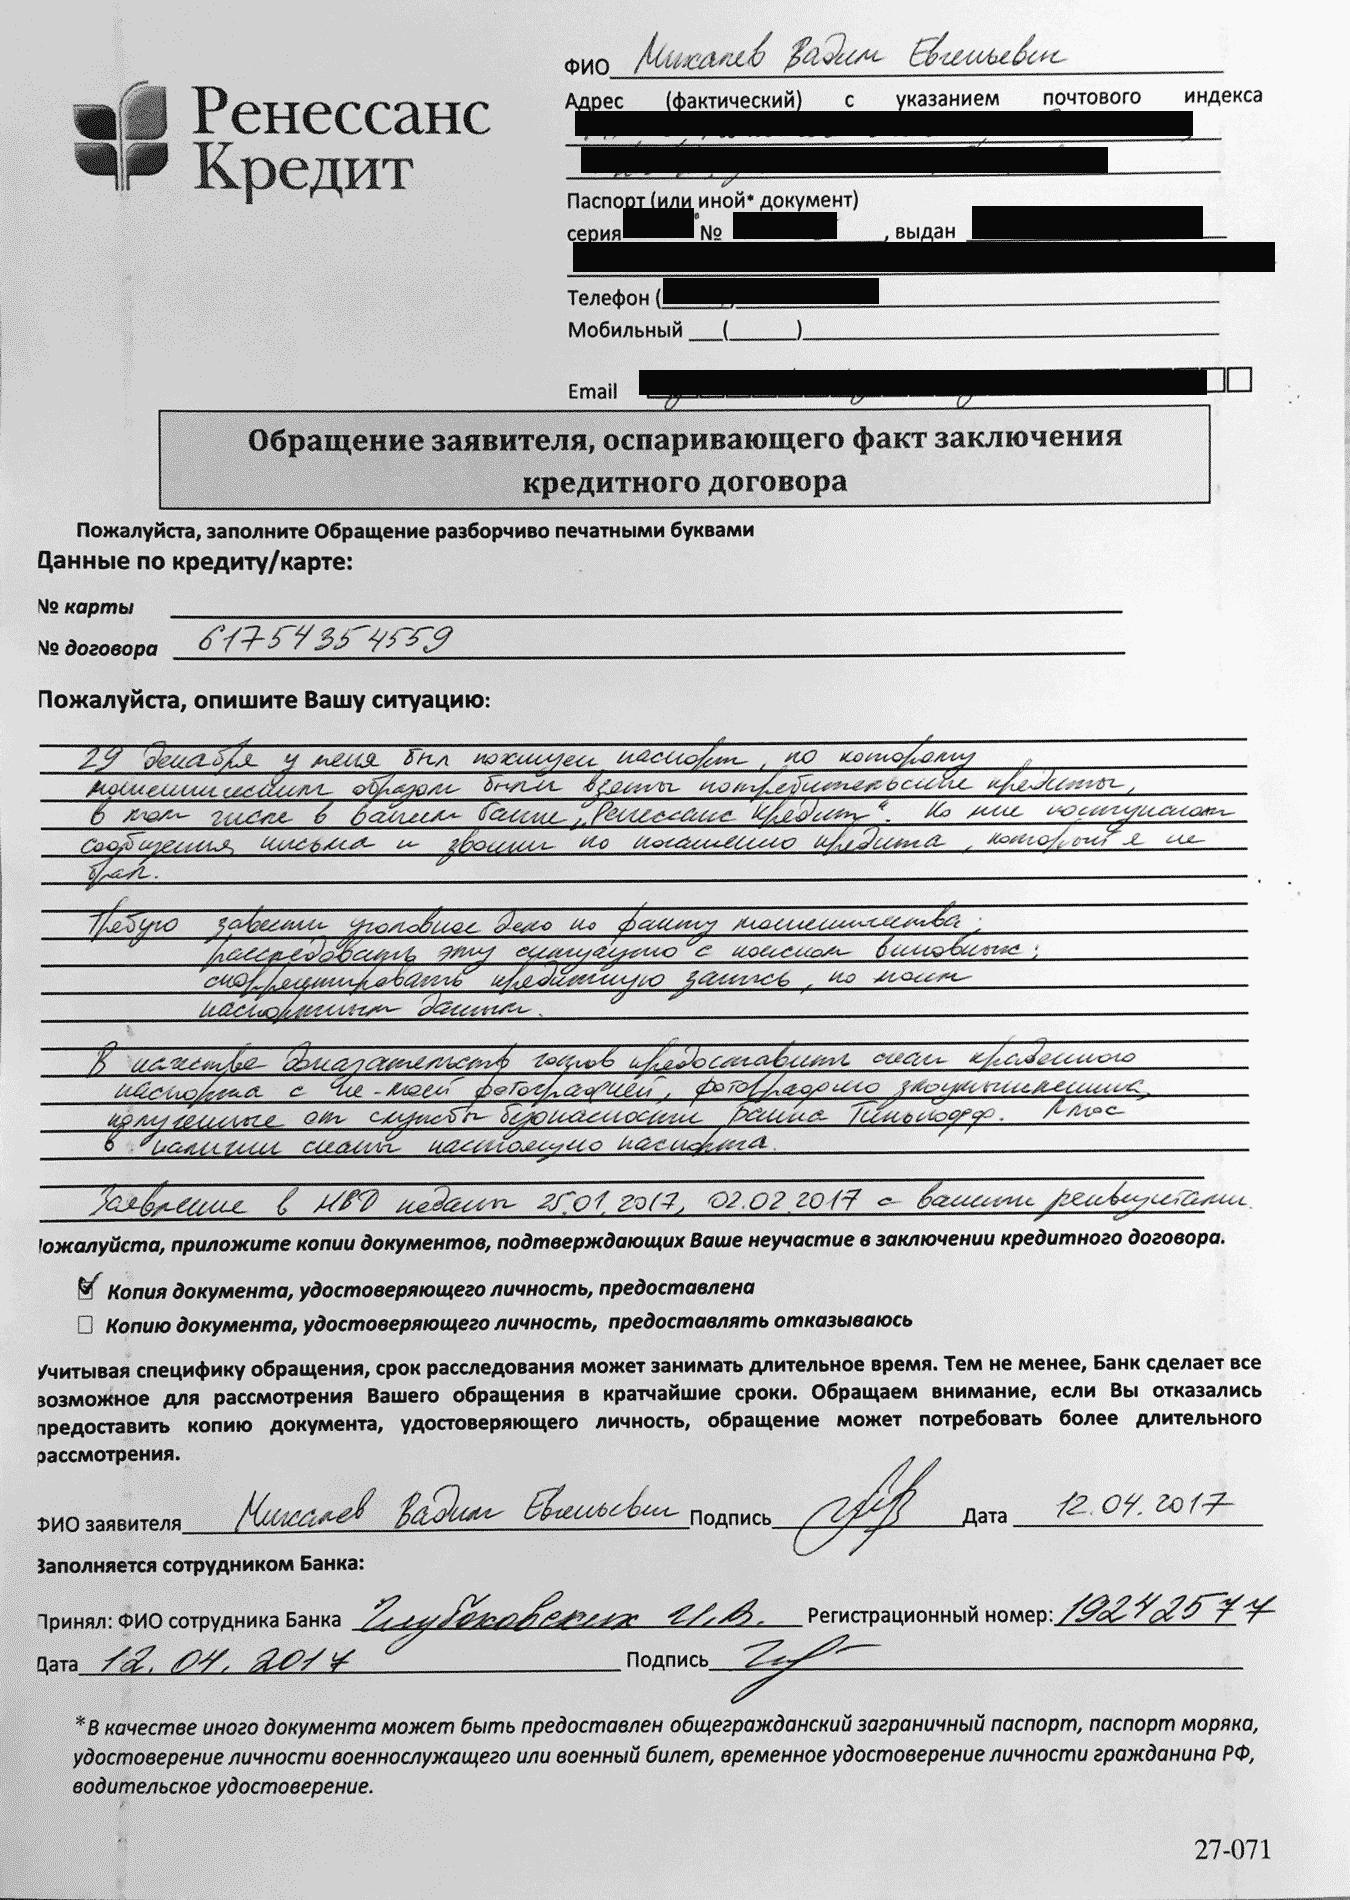 Документы для кредита Турчанинов переулок журнал регистрации трудовых договоров скачать бесплатно